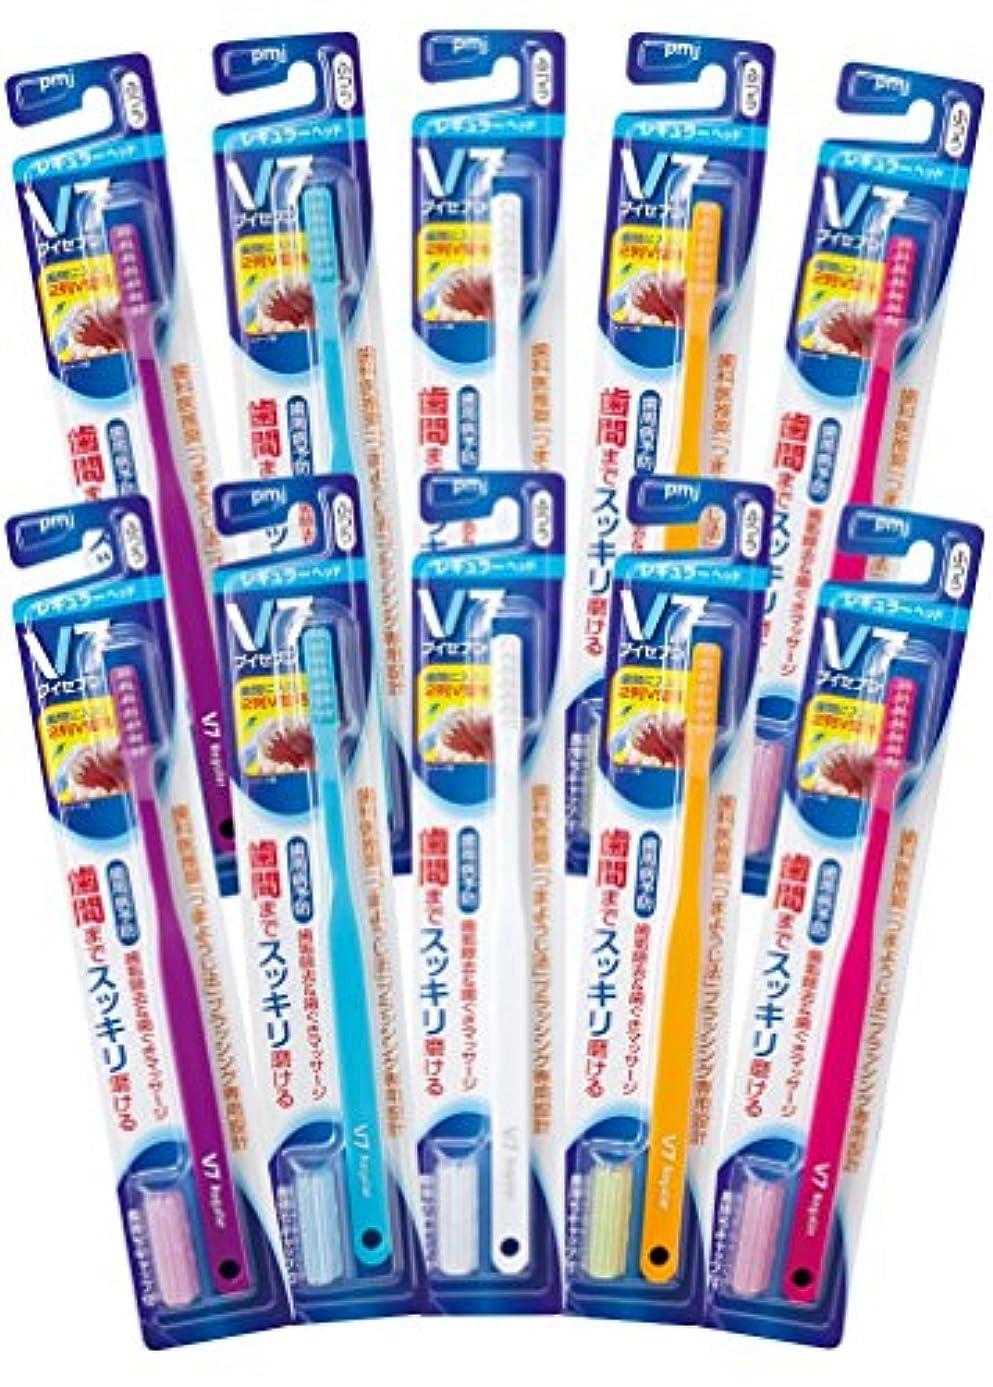 論文診断するくさびつまようじ法 歯ブラシ V-7 レギュラーヘッド ブリスター 10本入